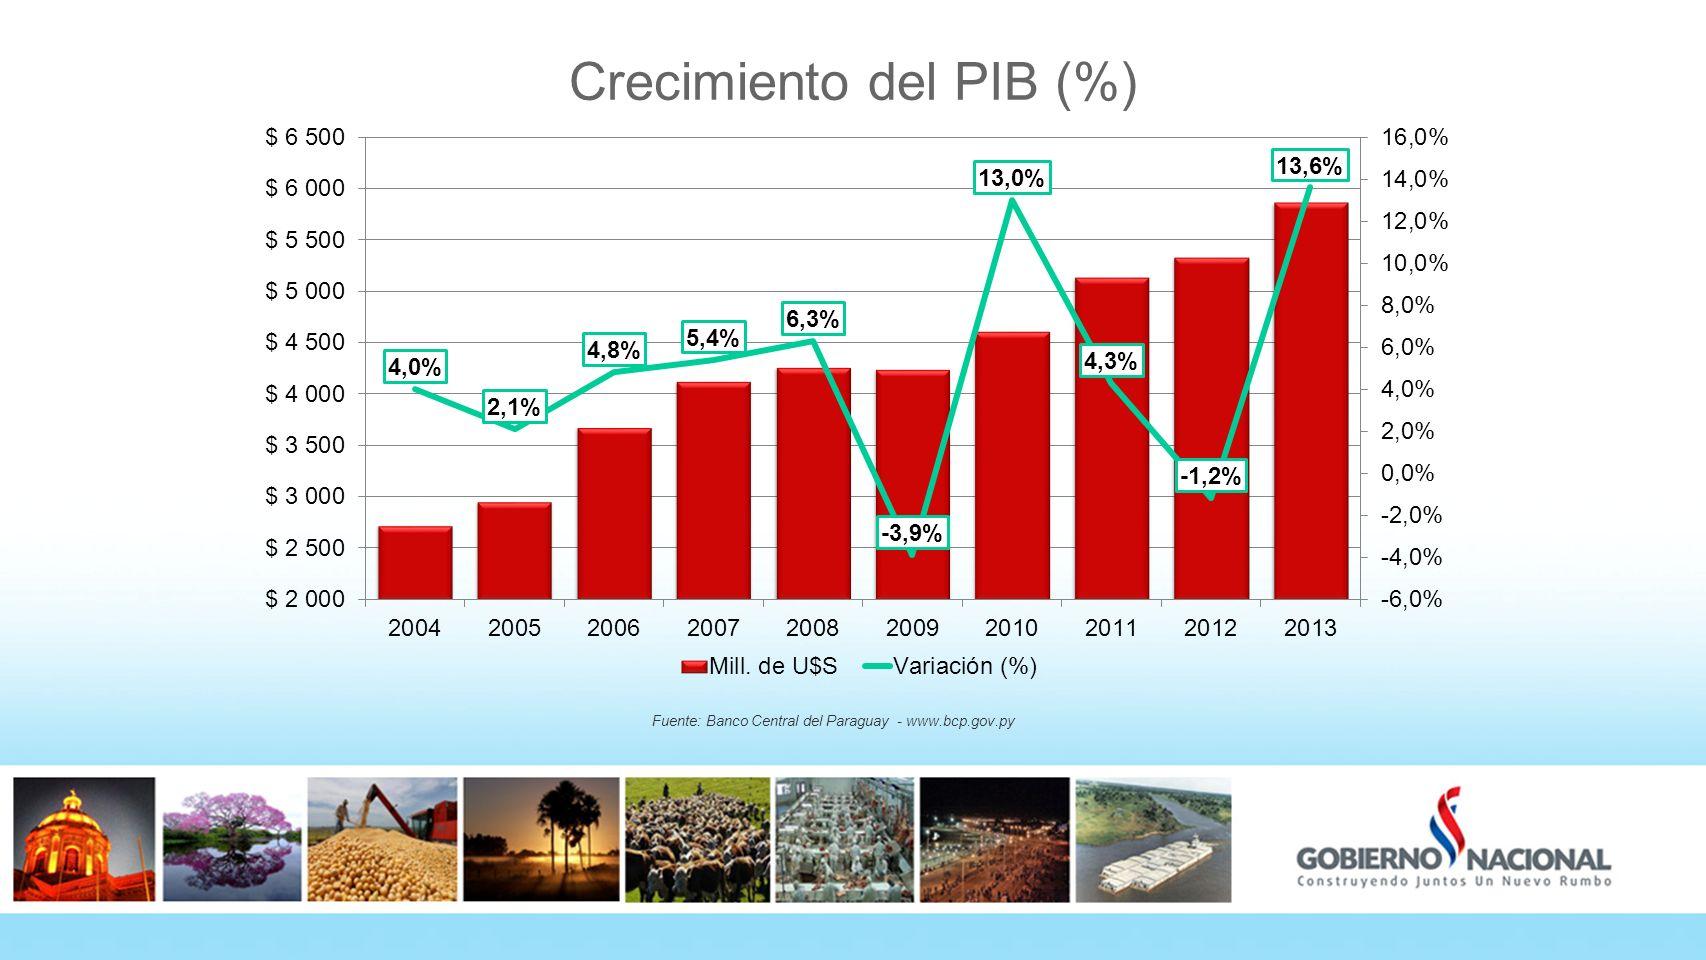 Crecimiento del PIB (%) Fuente: Banco Central del Paraguay - www.bcp.gov.py